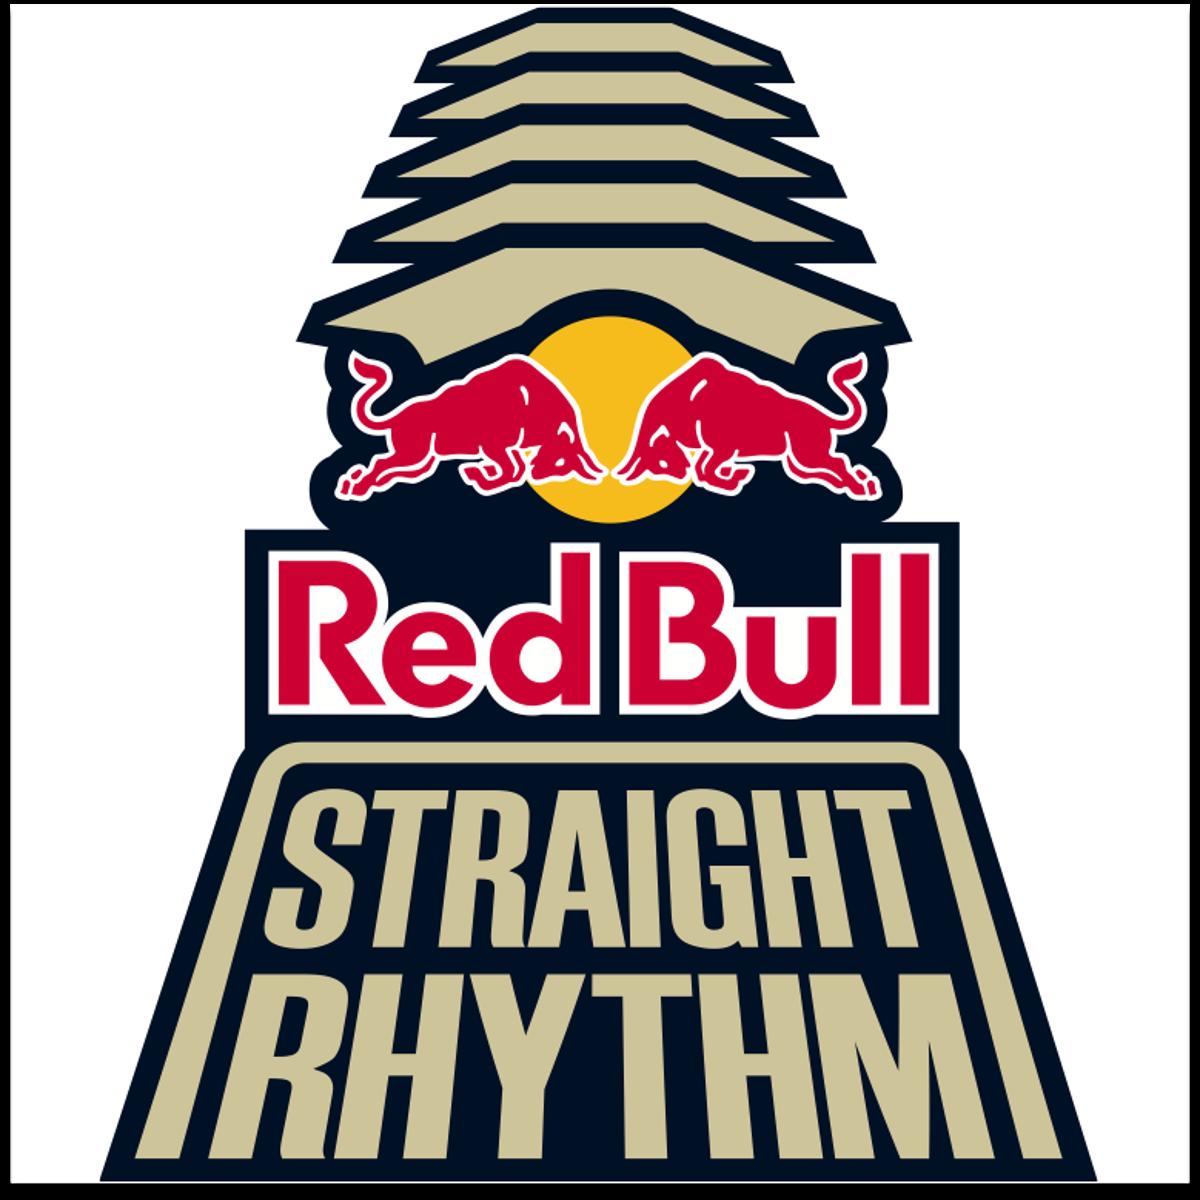 Red Bull Straight Rhythm